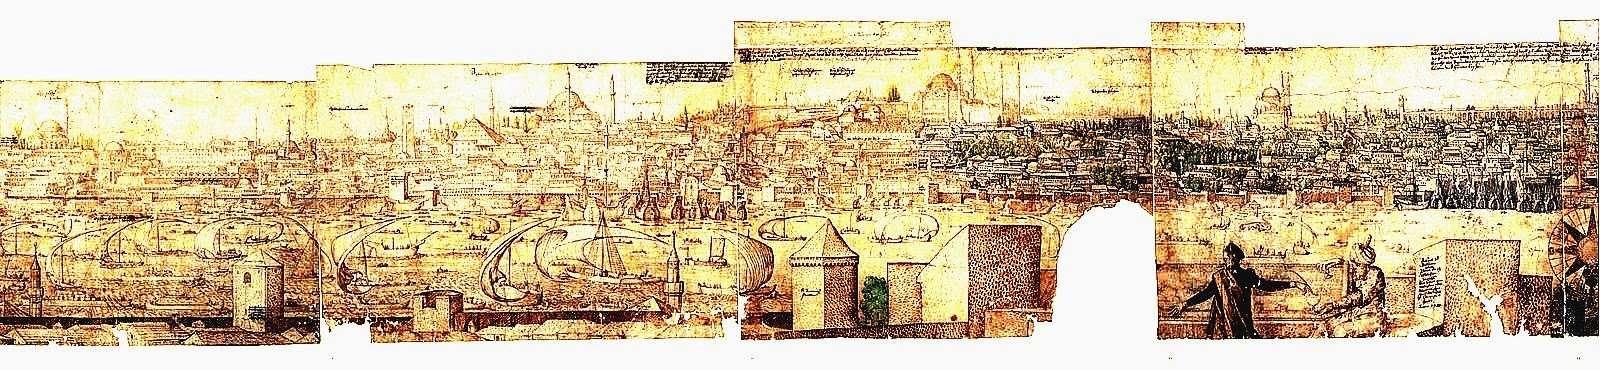 Πρόσοψη της Κωνσταντινούπολης. 1560. The Prospect of Constantinople (detail), ca. 1560, Melchior Lorck